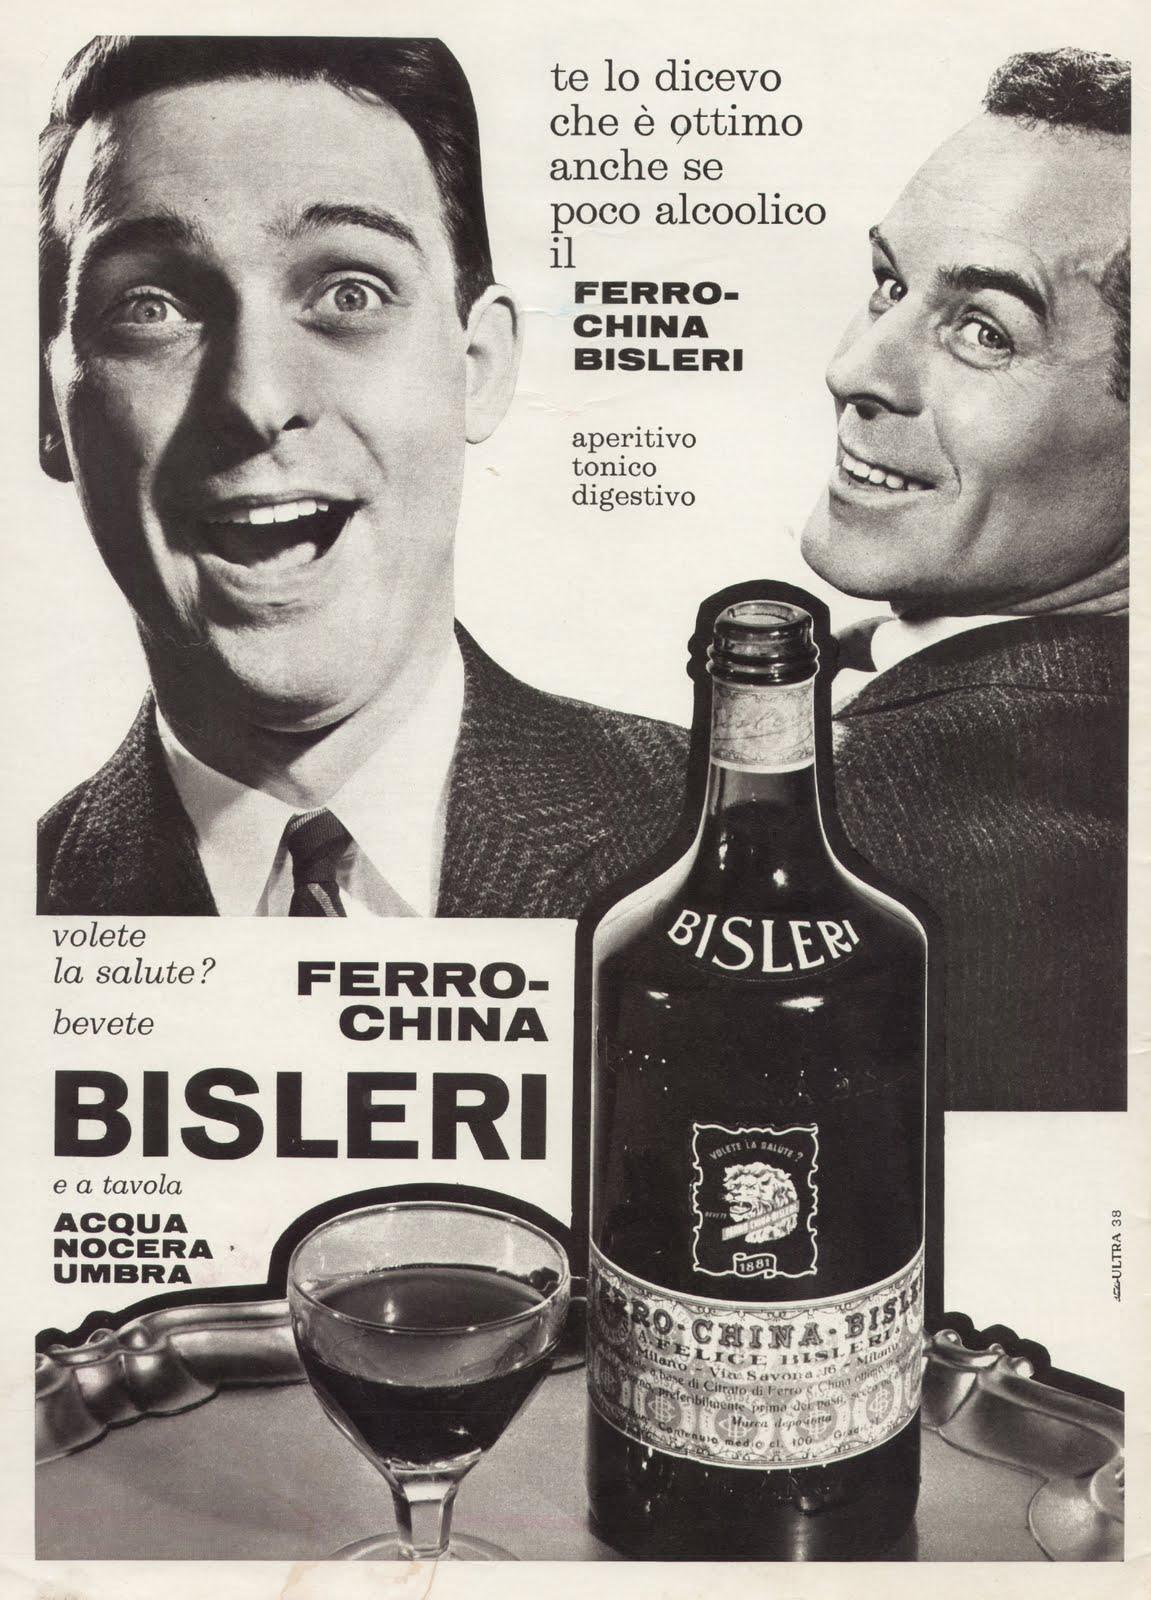 ferro-china-bisleri-1961